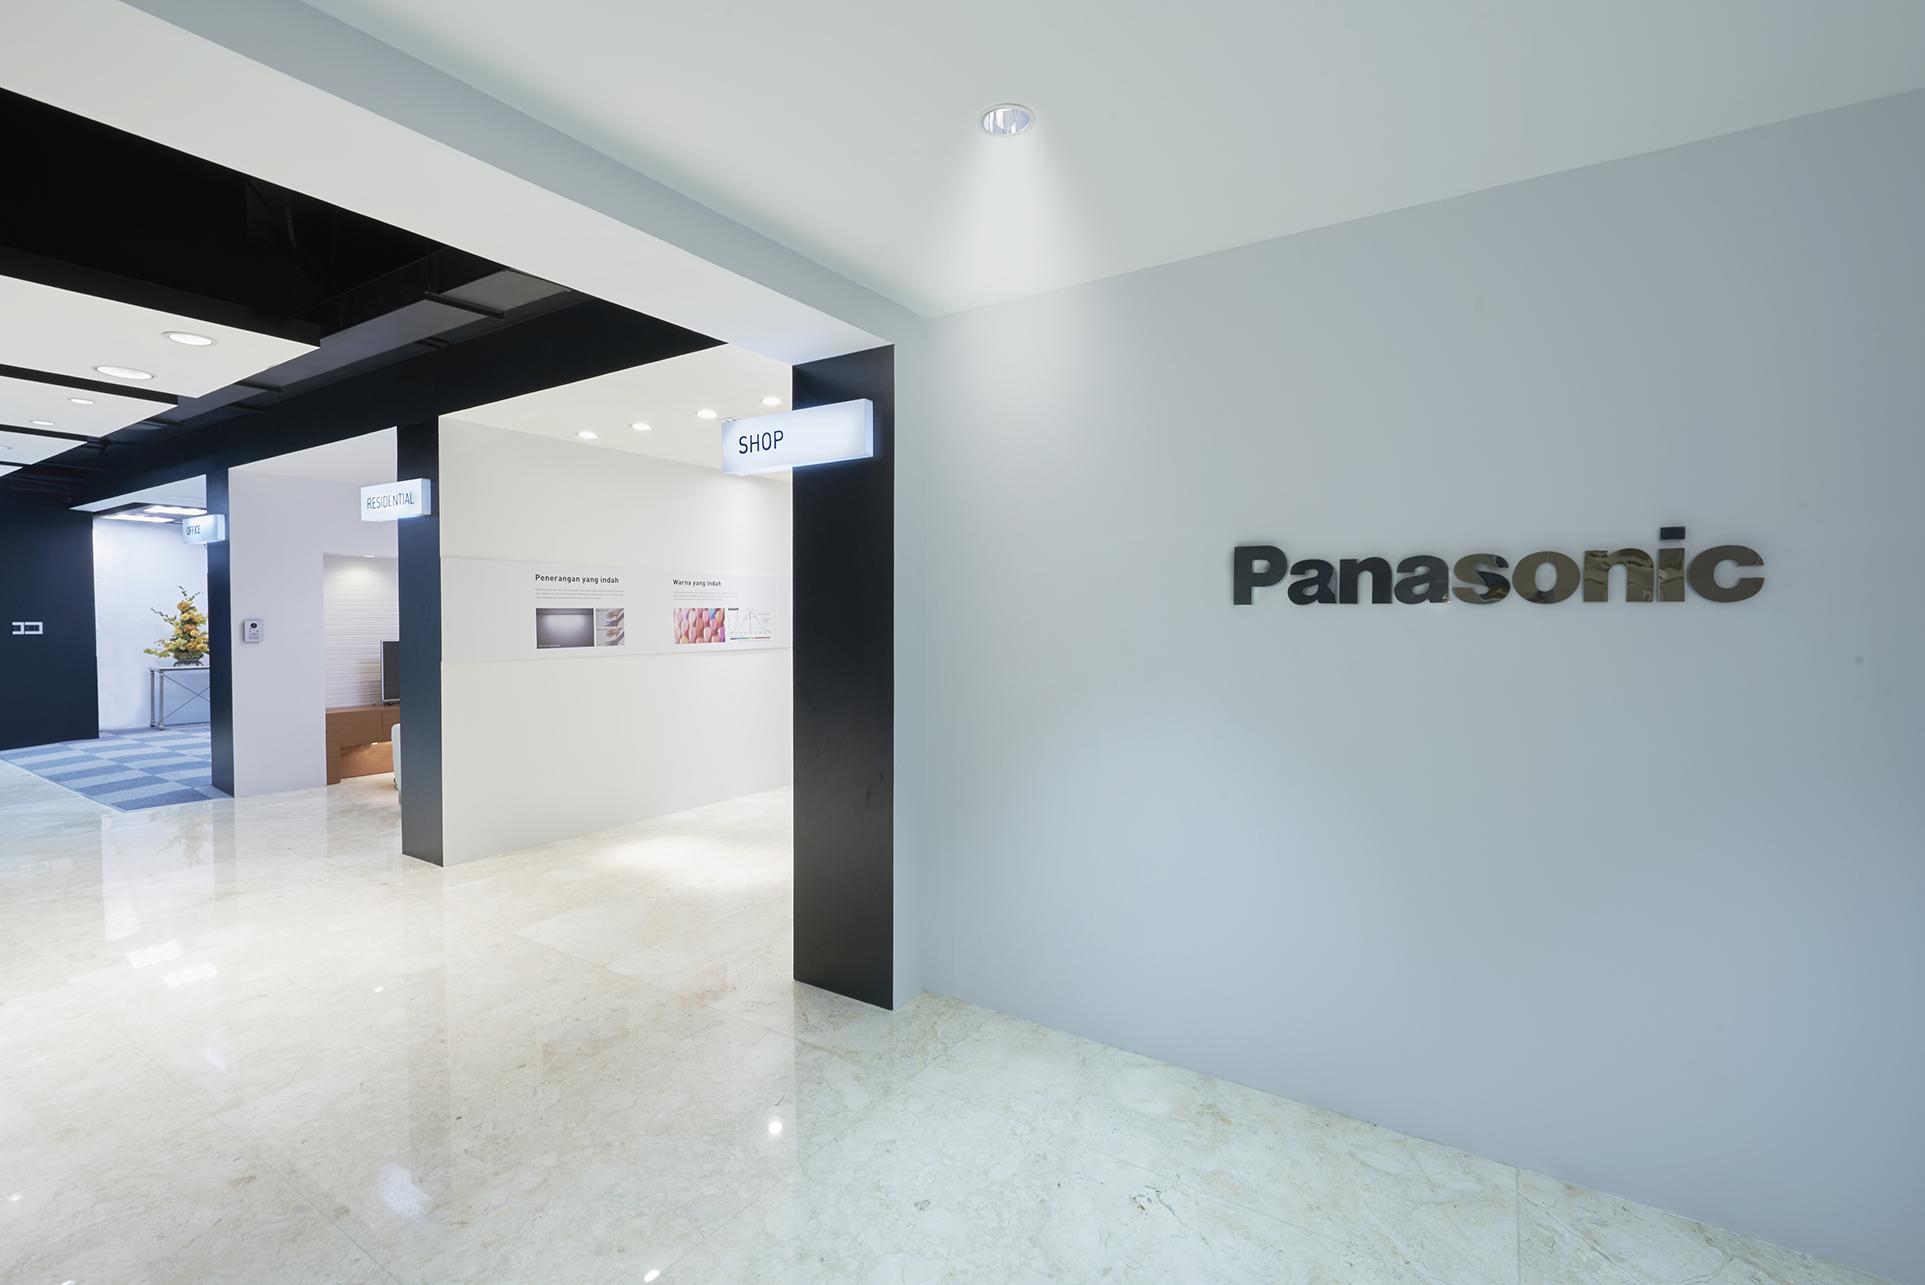 01_LightSR_ID_2015.jpg & Panasonic Opens a Showroom for Non-residential LED Lighting the ... azcodes.com